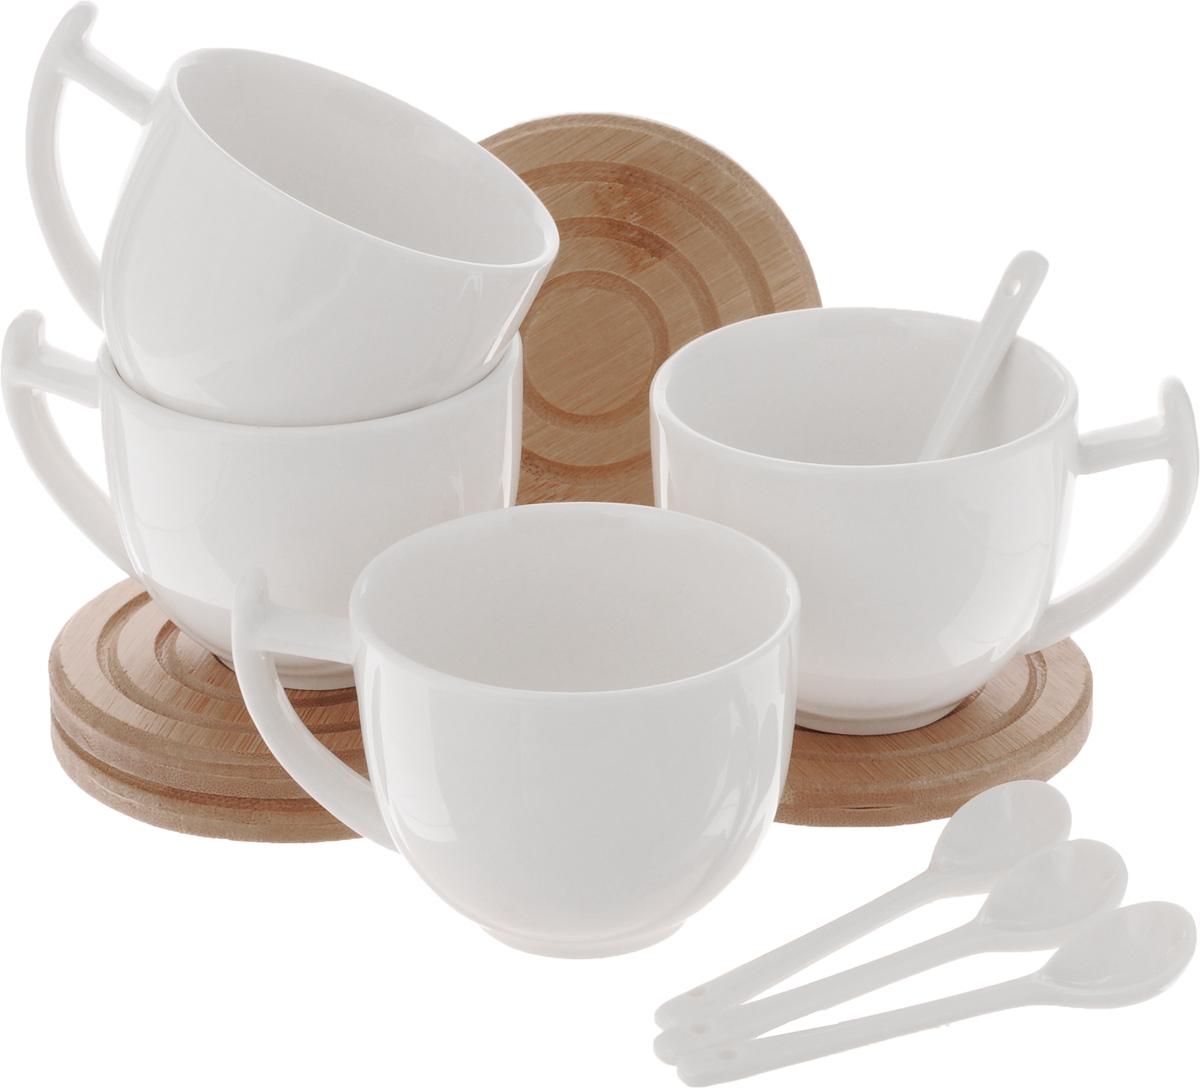 Набор чайный EcoWoo, 12 предметовVT-1520(SR)Набор чайный EcoWoo - это не только идеальный подарок, но и прекрасный повод побаловать себя! Набор состоит из 4 фарфоровых чашек, 4 бамбуковых подставок и 4 ложек.Такой набор станет идеальным решением для ценителей экологичных деталей в интерьере и поклонников здорового образа жизни.Не использовать в посудомоечной машине.Объем кружки: 300 мл.Диаметр кружки (по верхнему краю): 8 см.Высота кружки: 6,5 см.Диаметр подставки: 10 см.Длина ложки: 10,5 см.